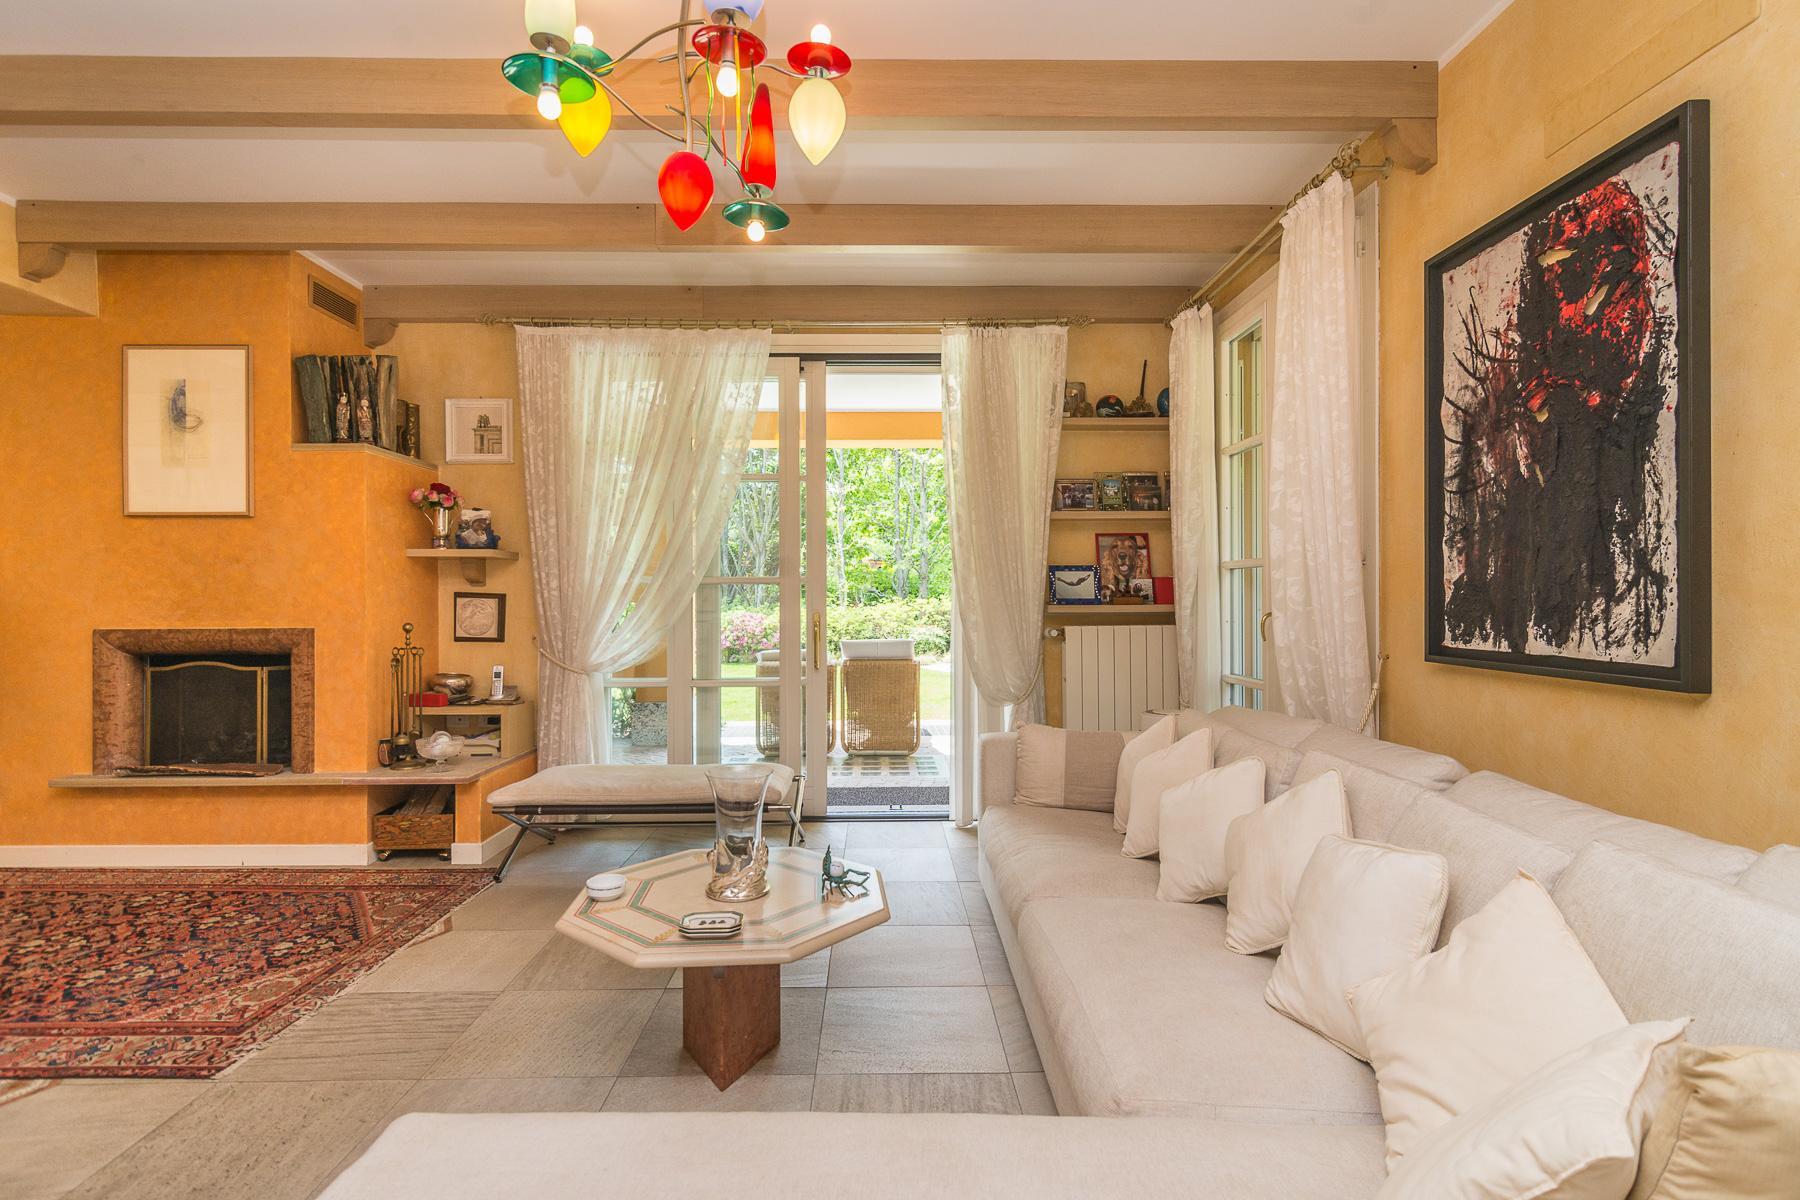 Golf Club de Castelconturbia, maison individuelle de 300 m² avec jardin de 1500 m² et jacuzzi - 12